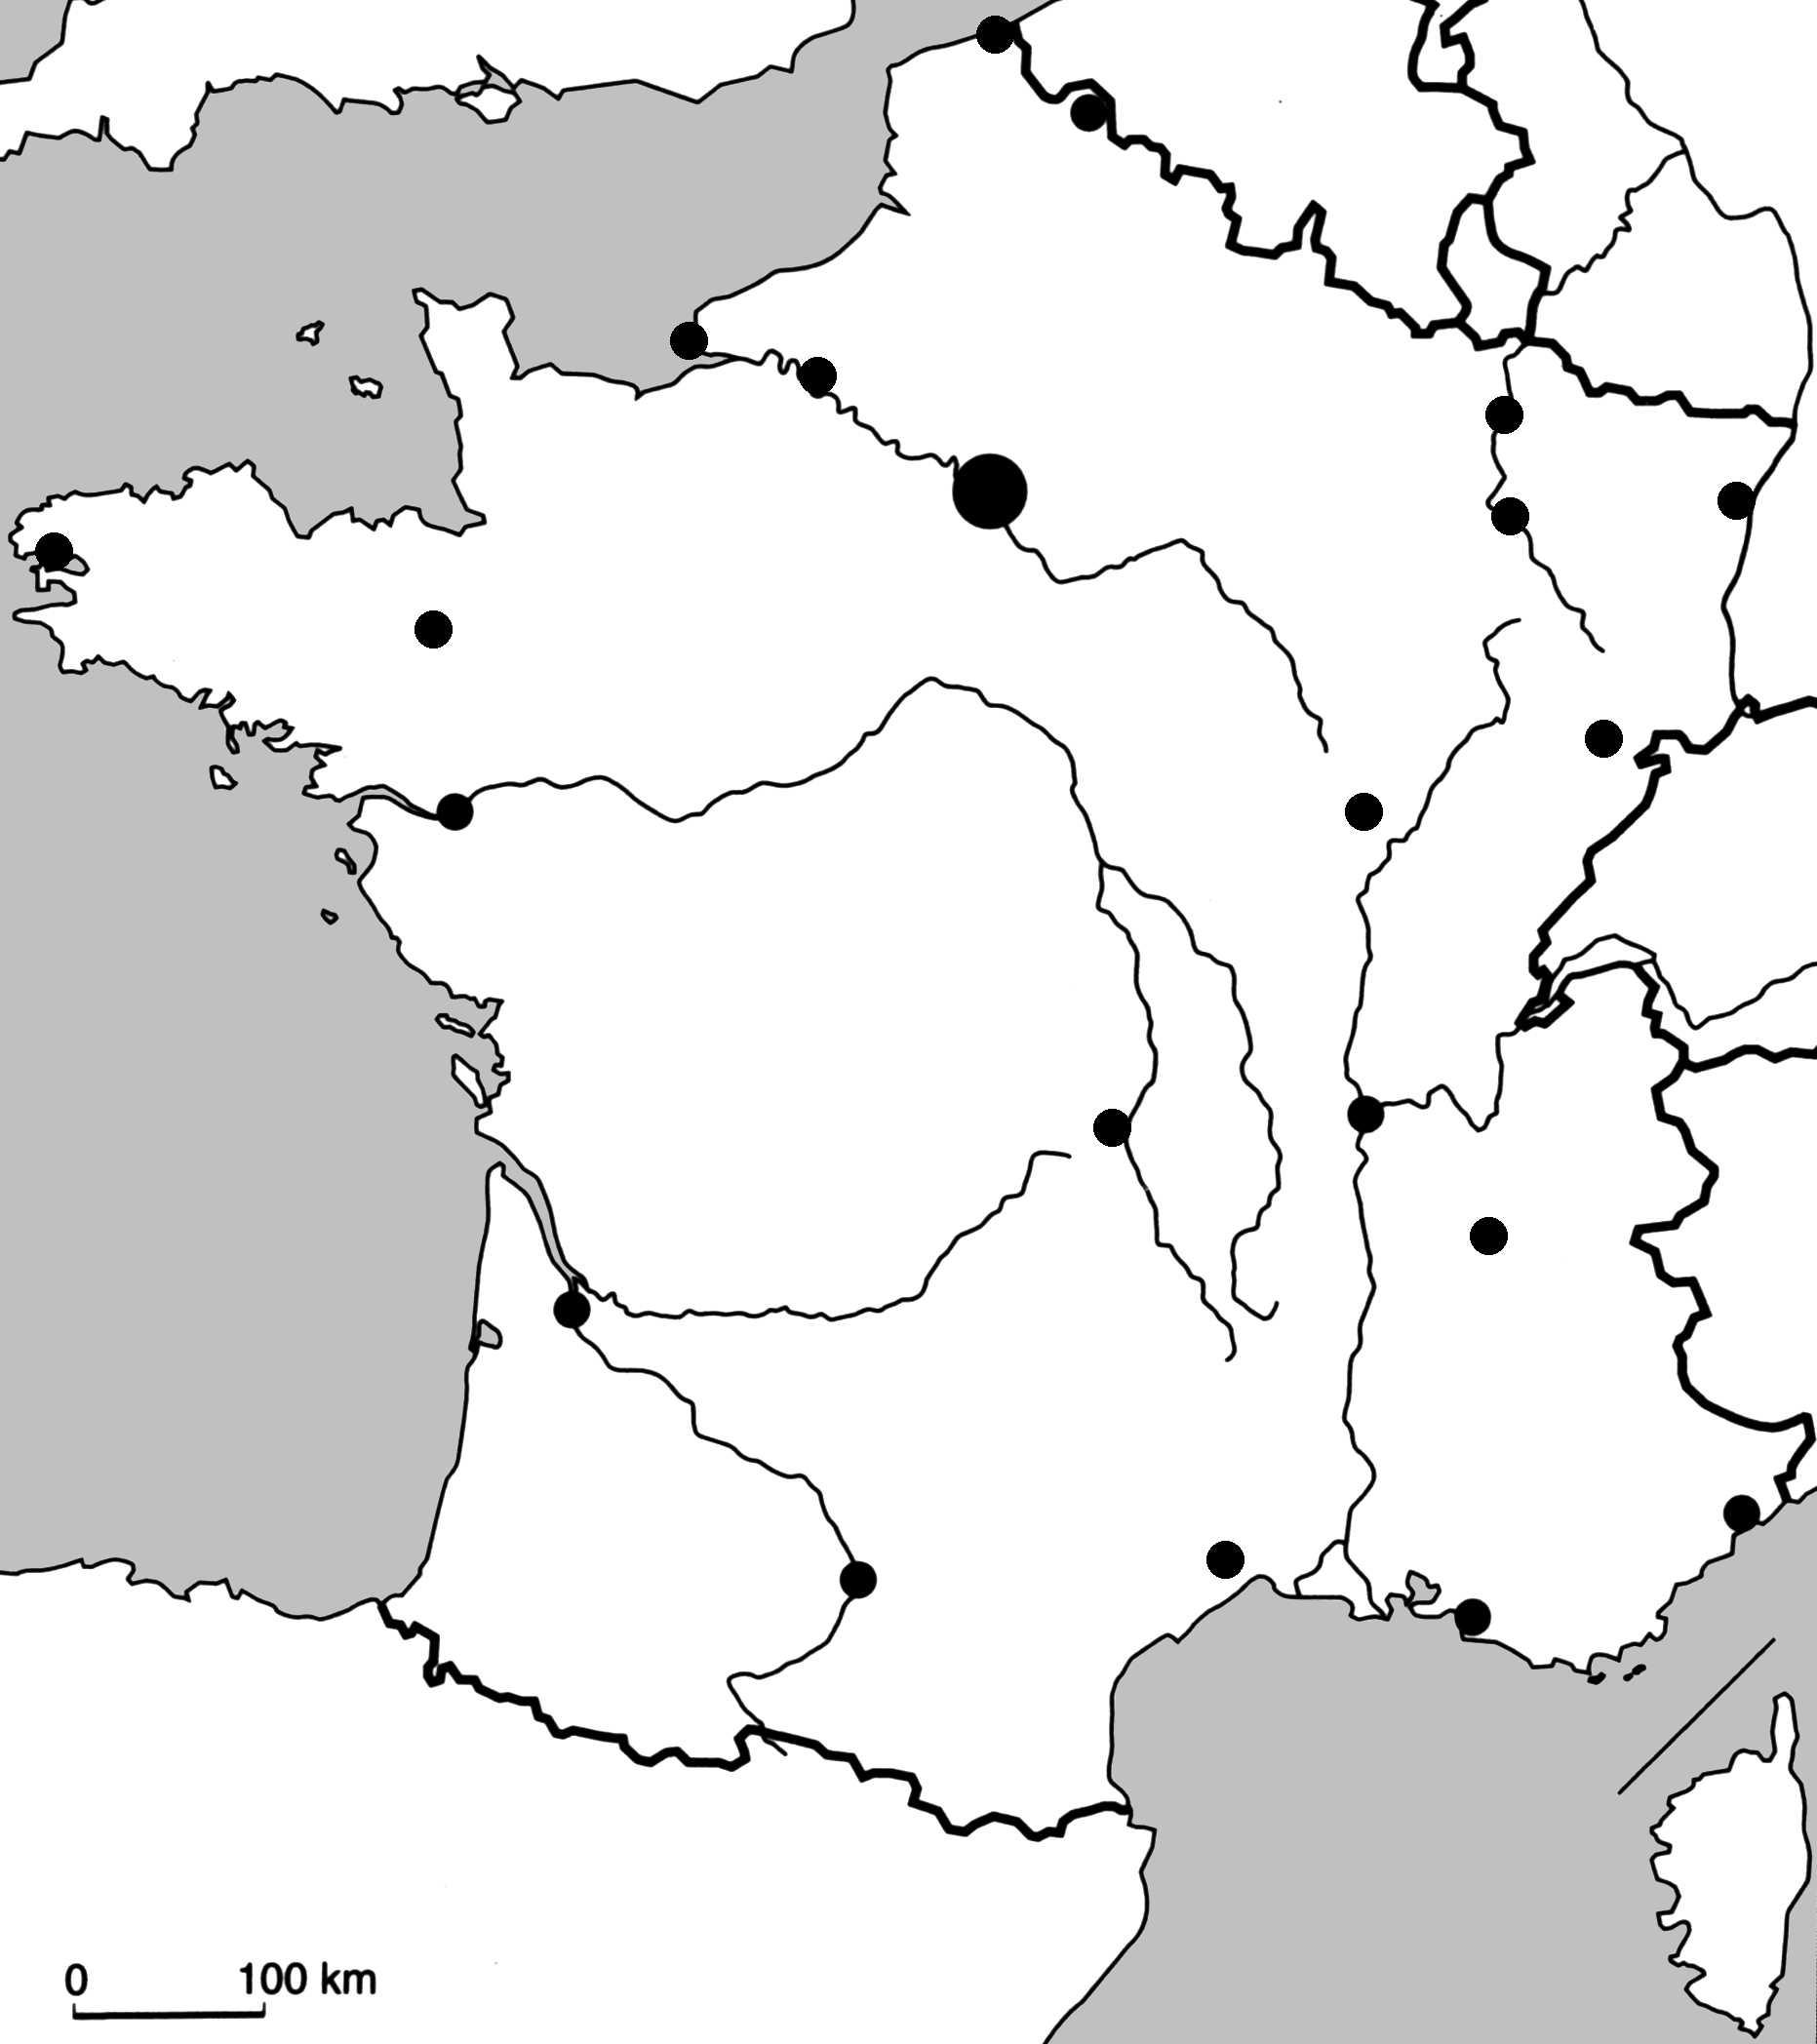 Carte De France Vierge À Compléter En Ligne   My Blog destiné Carte De France Région Vierge